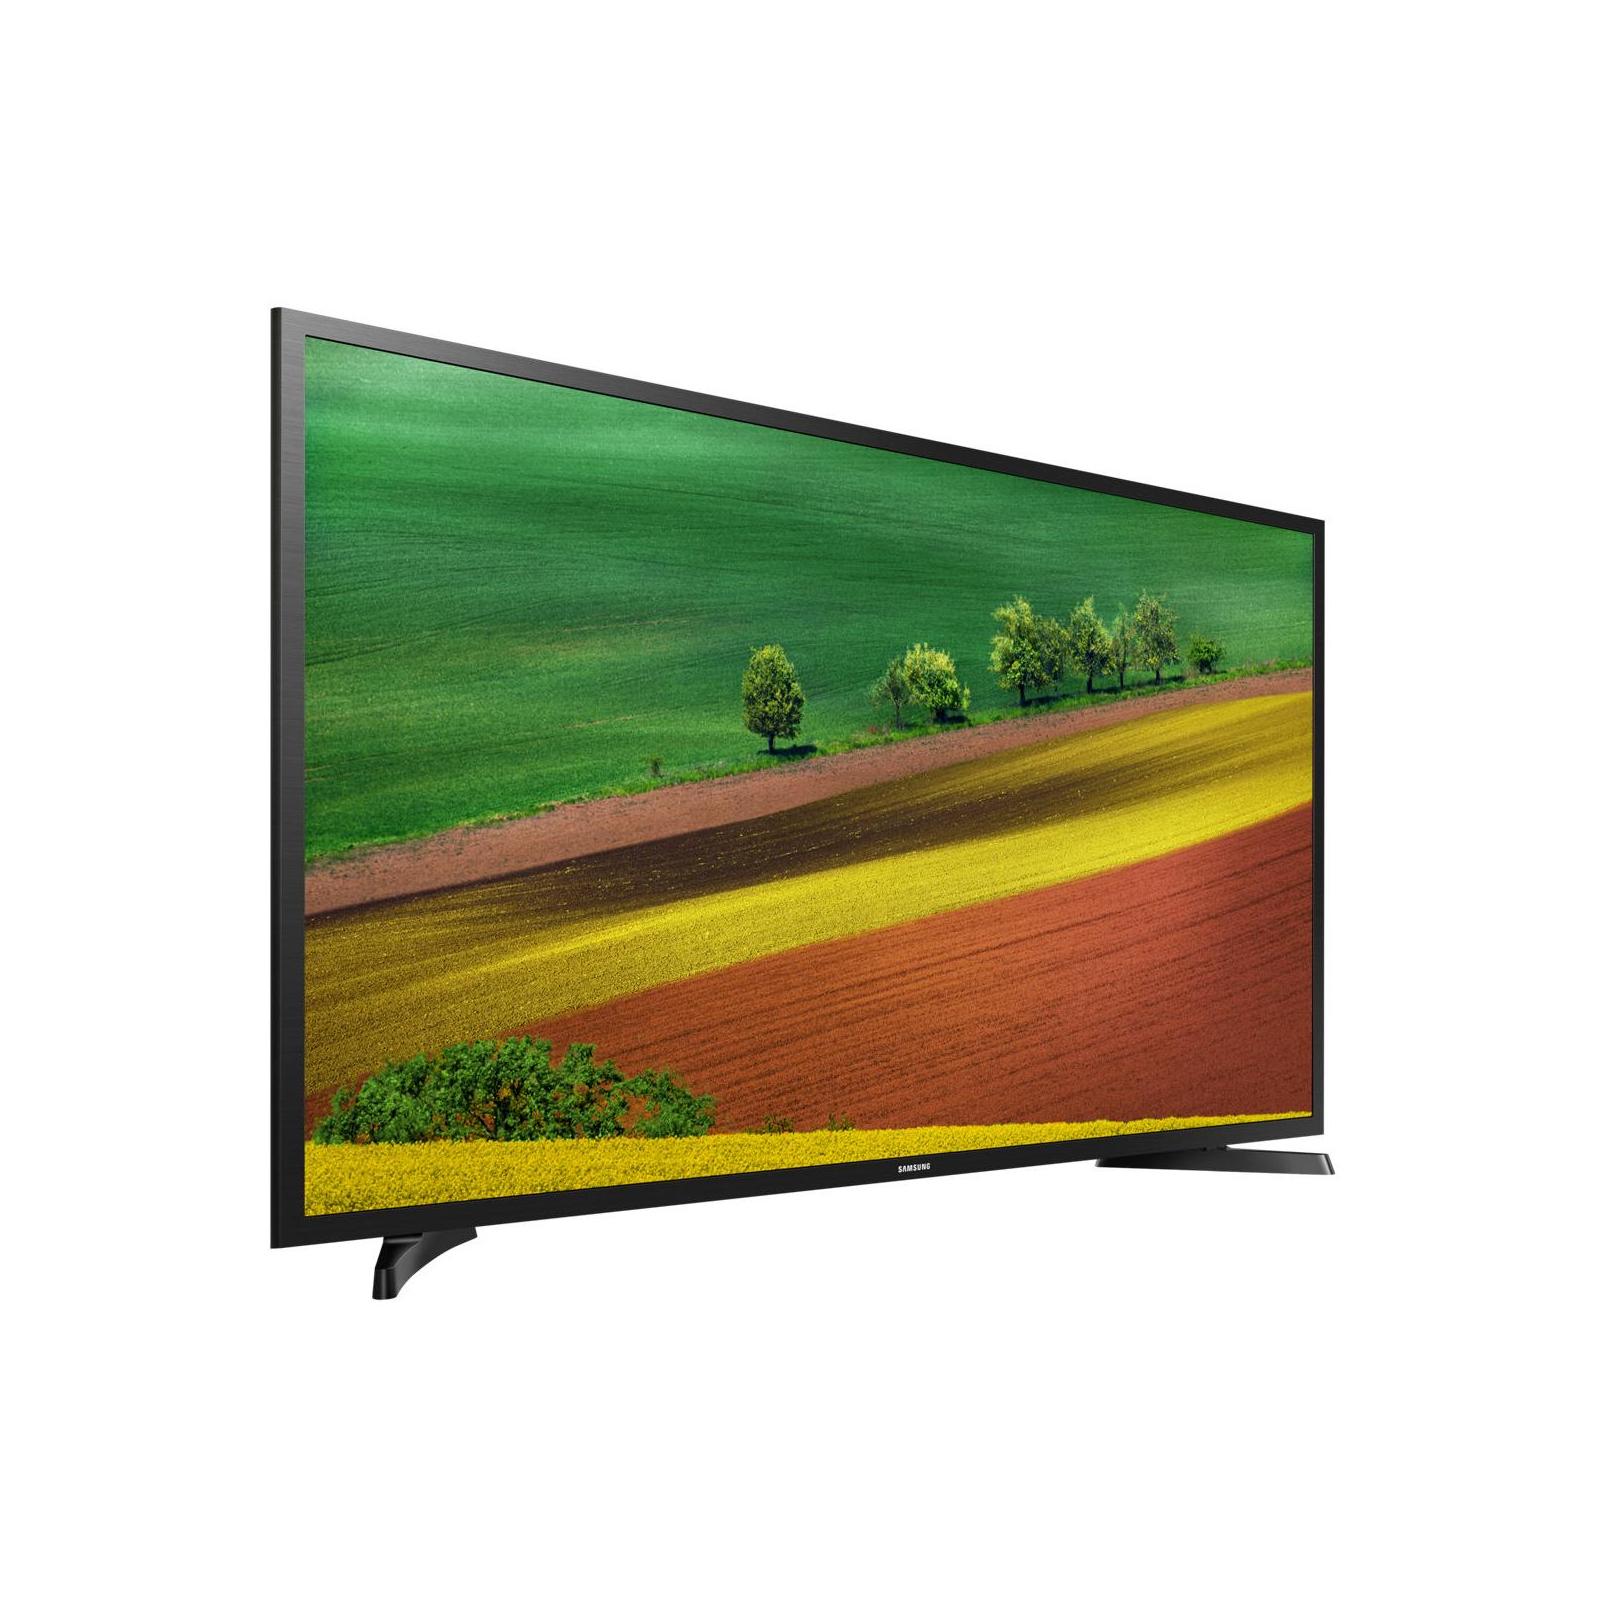 Телевизор Samsung UE32N5000AUXUA изображение 2